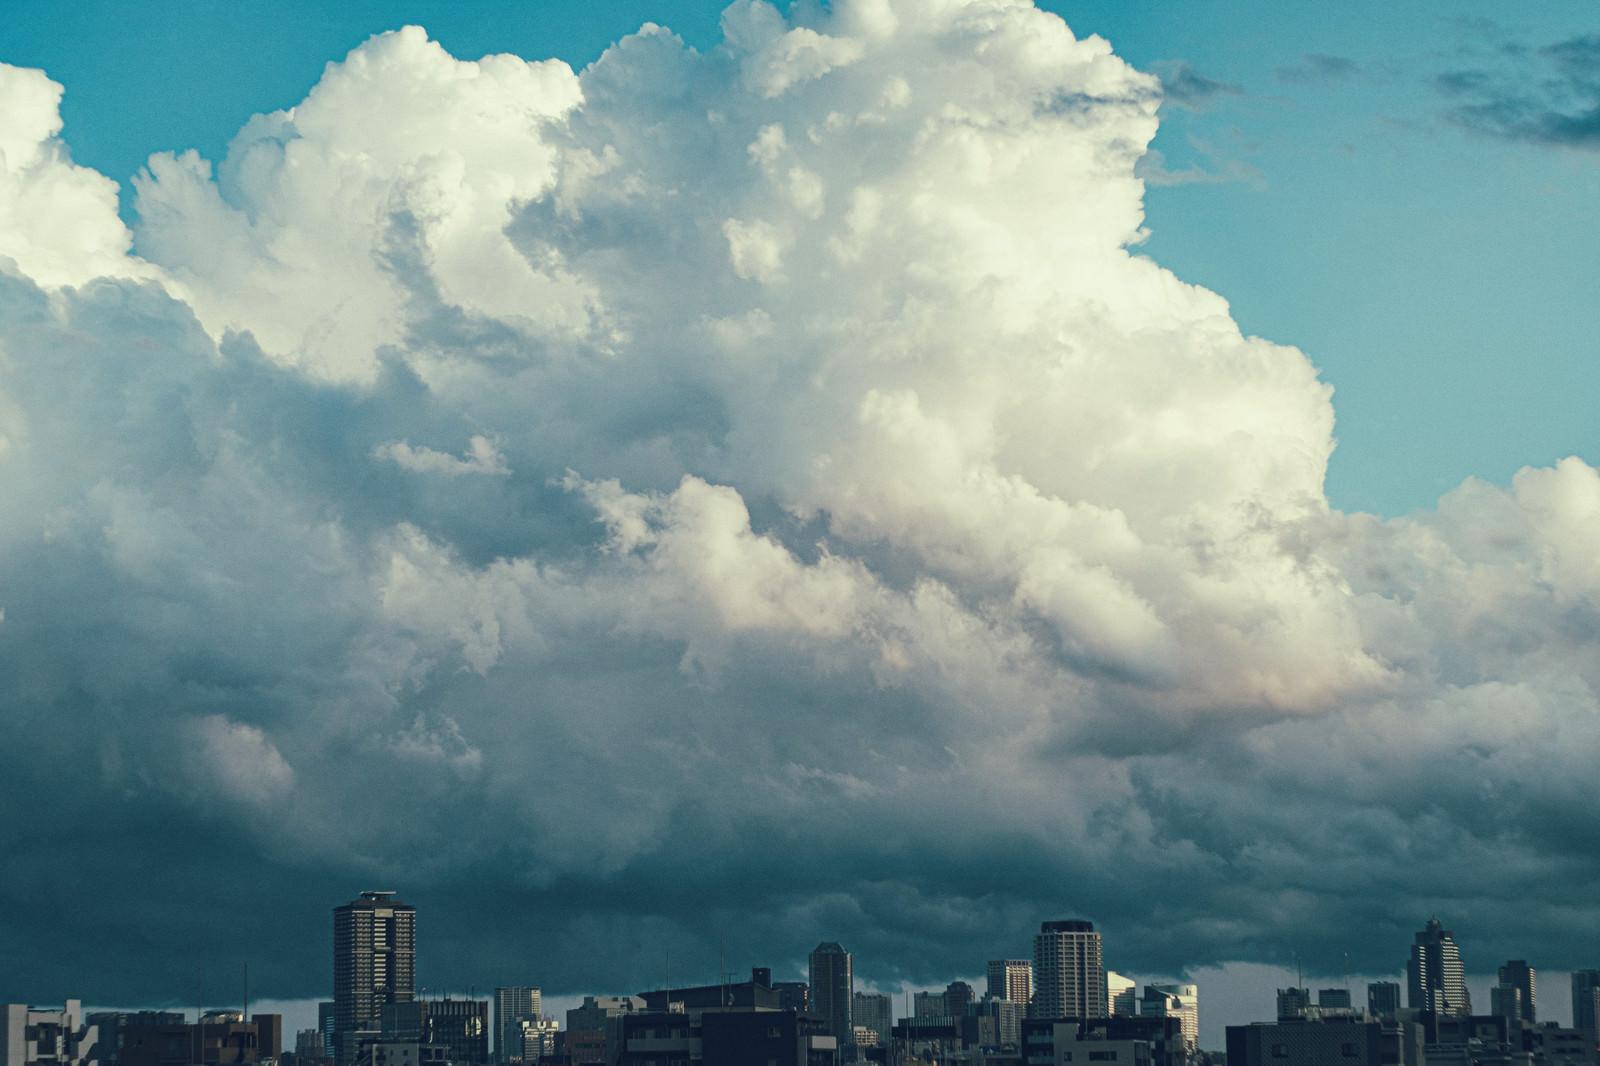 「上空に大きな雨雲」の写真